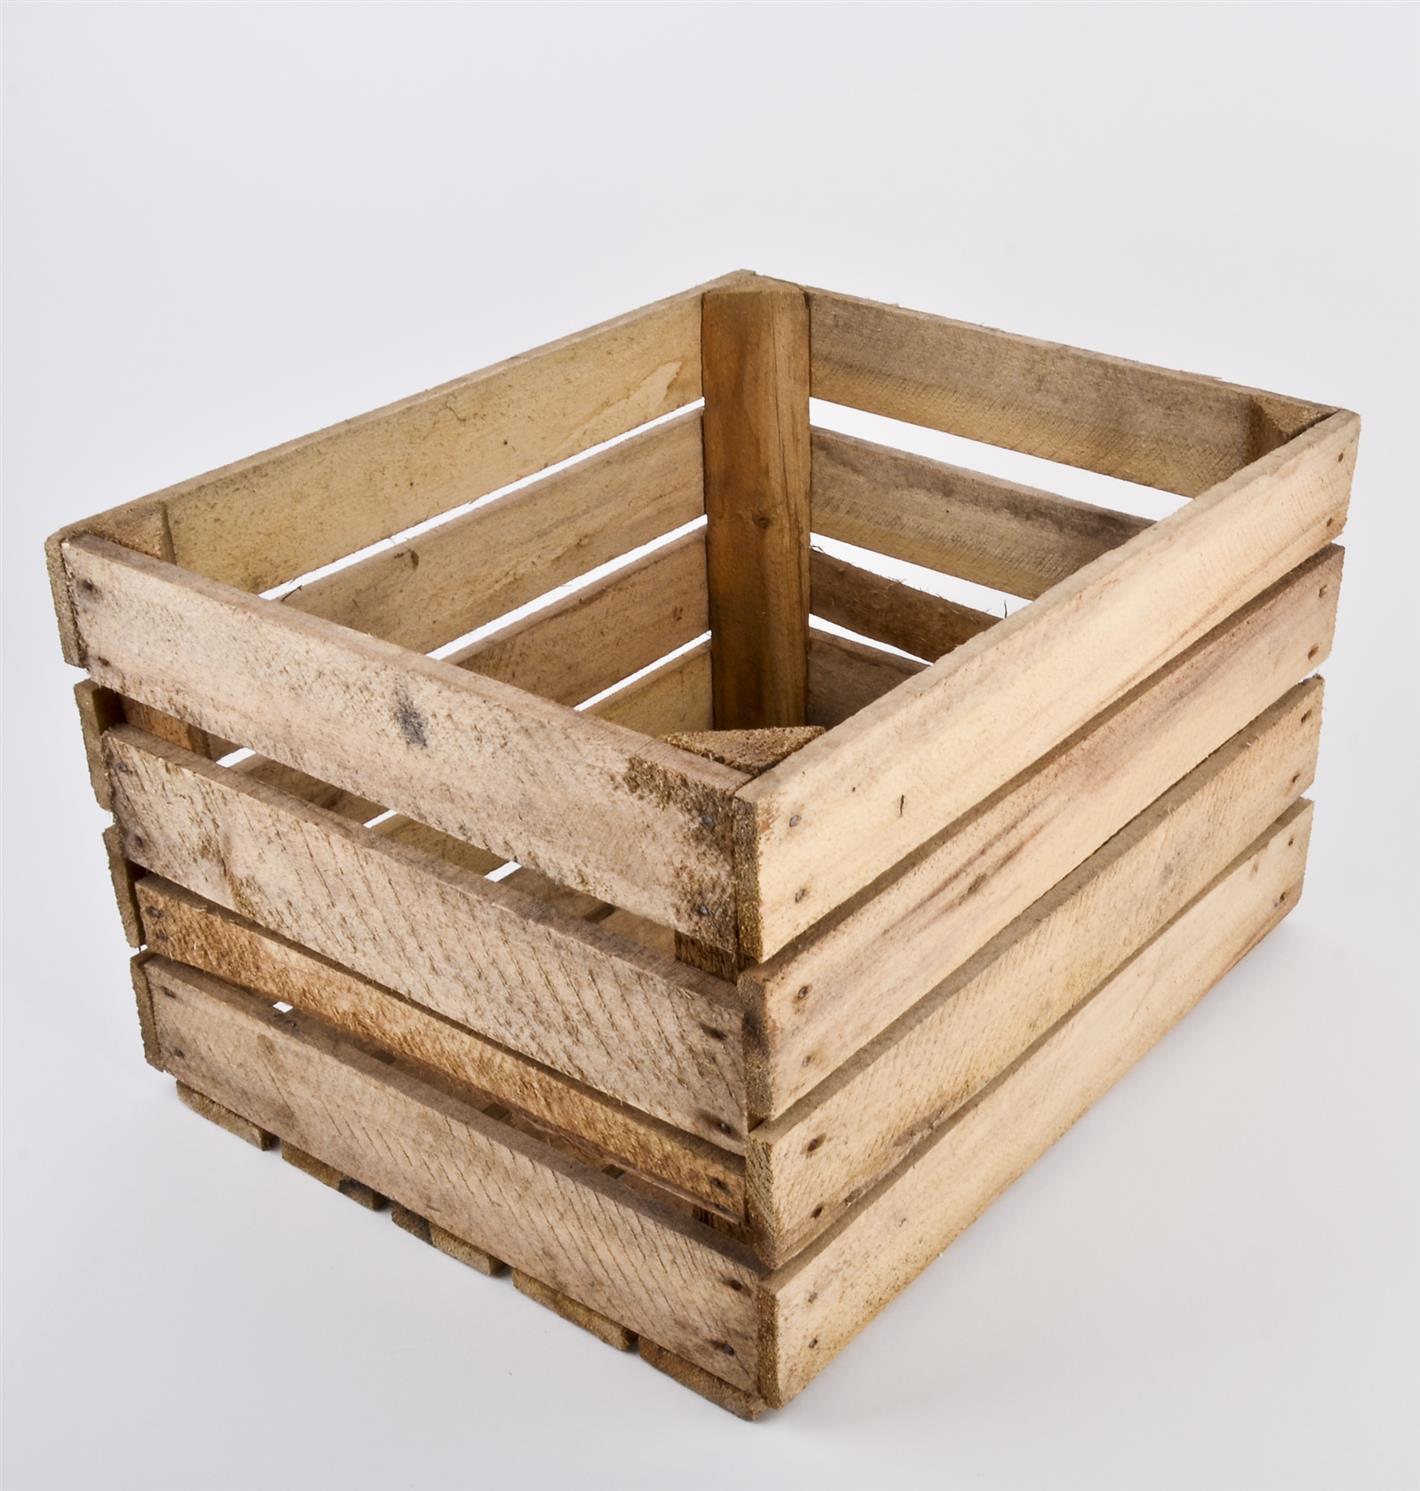 Cajas fruta madera sharemedoc - Cajas de fruta ...